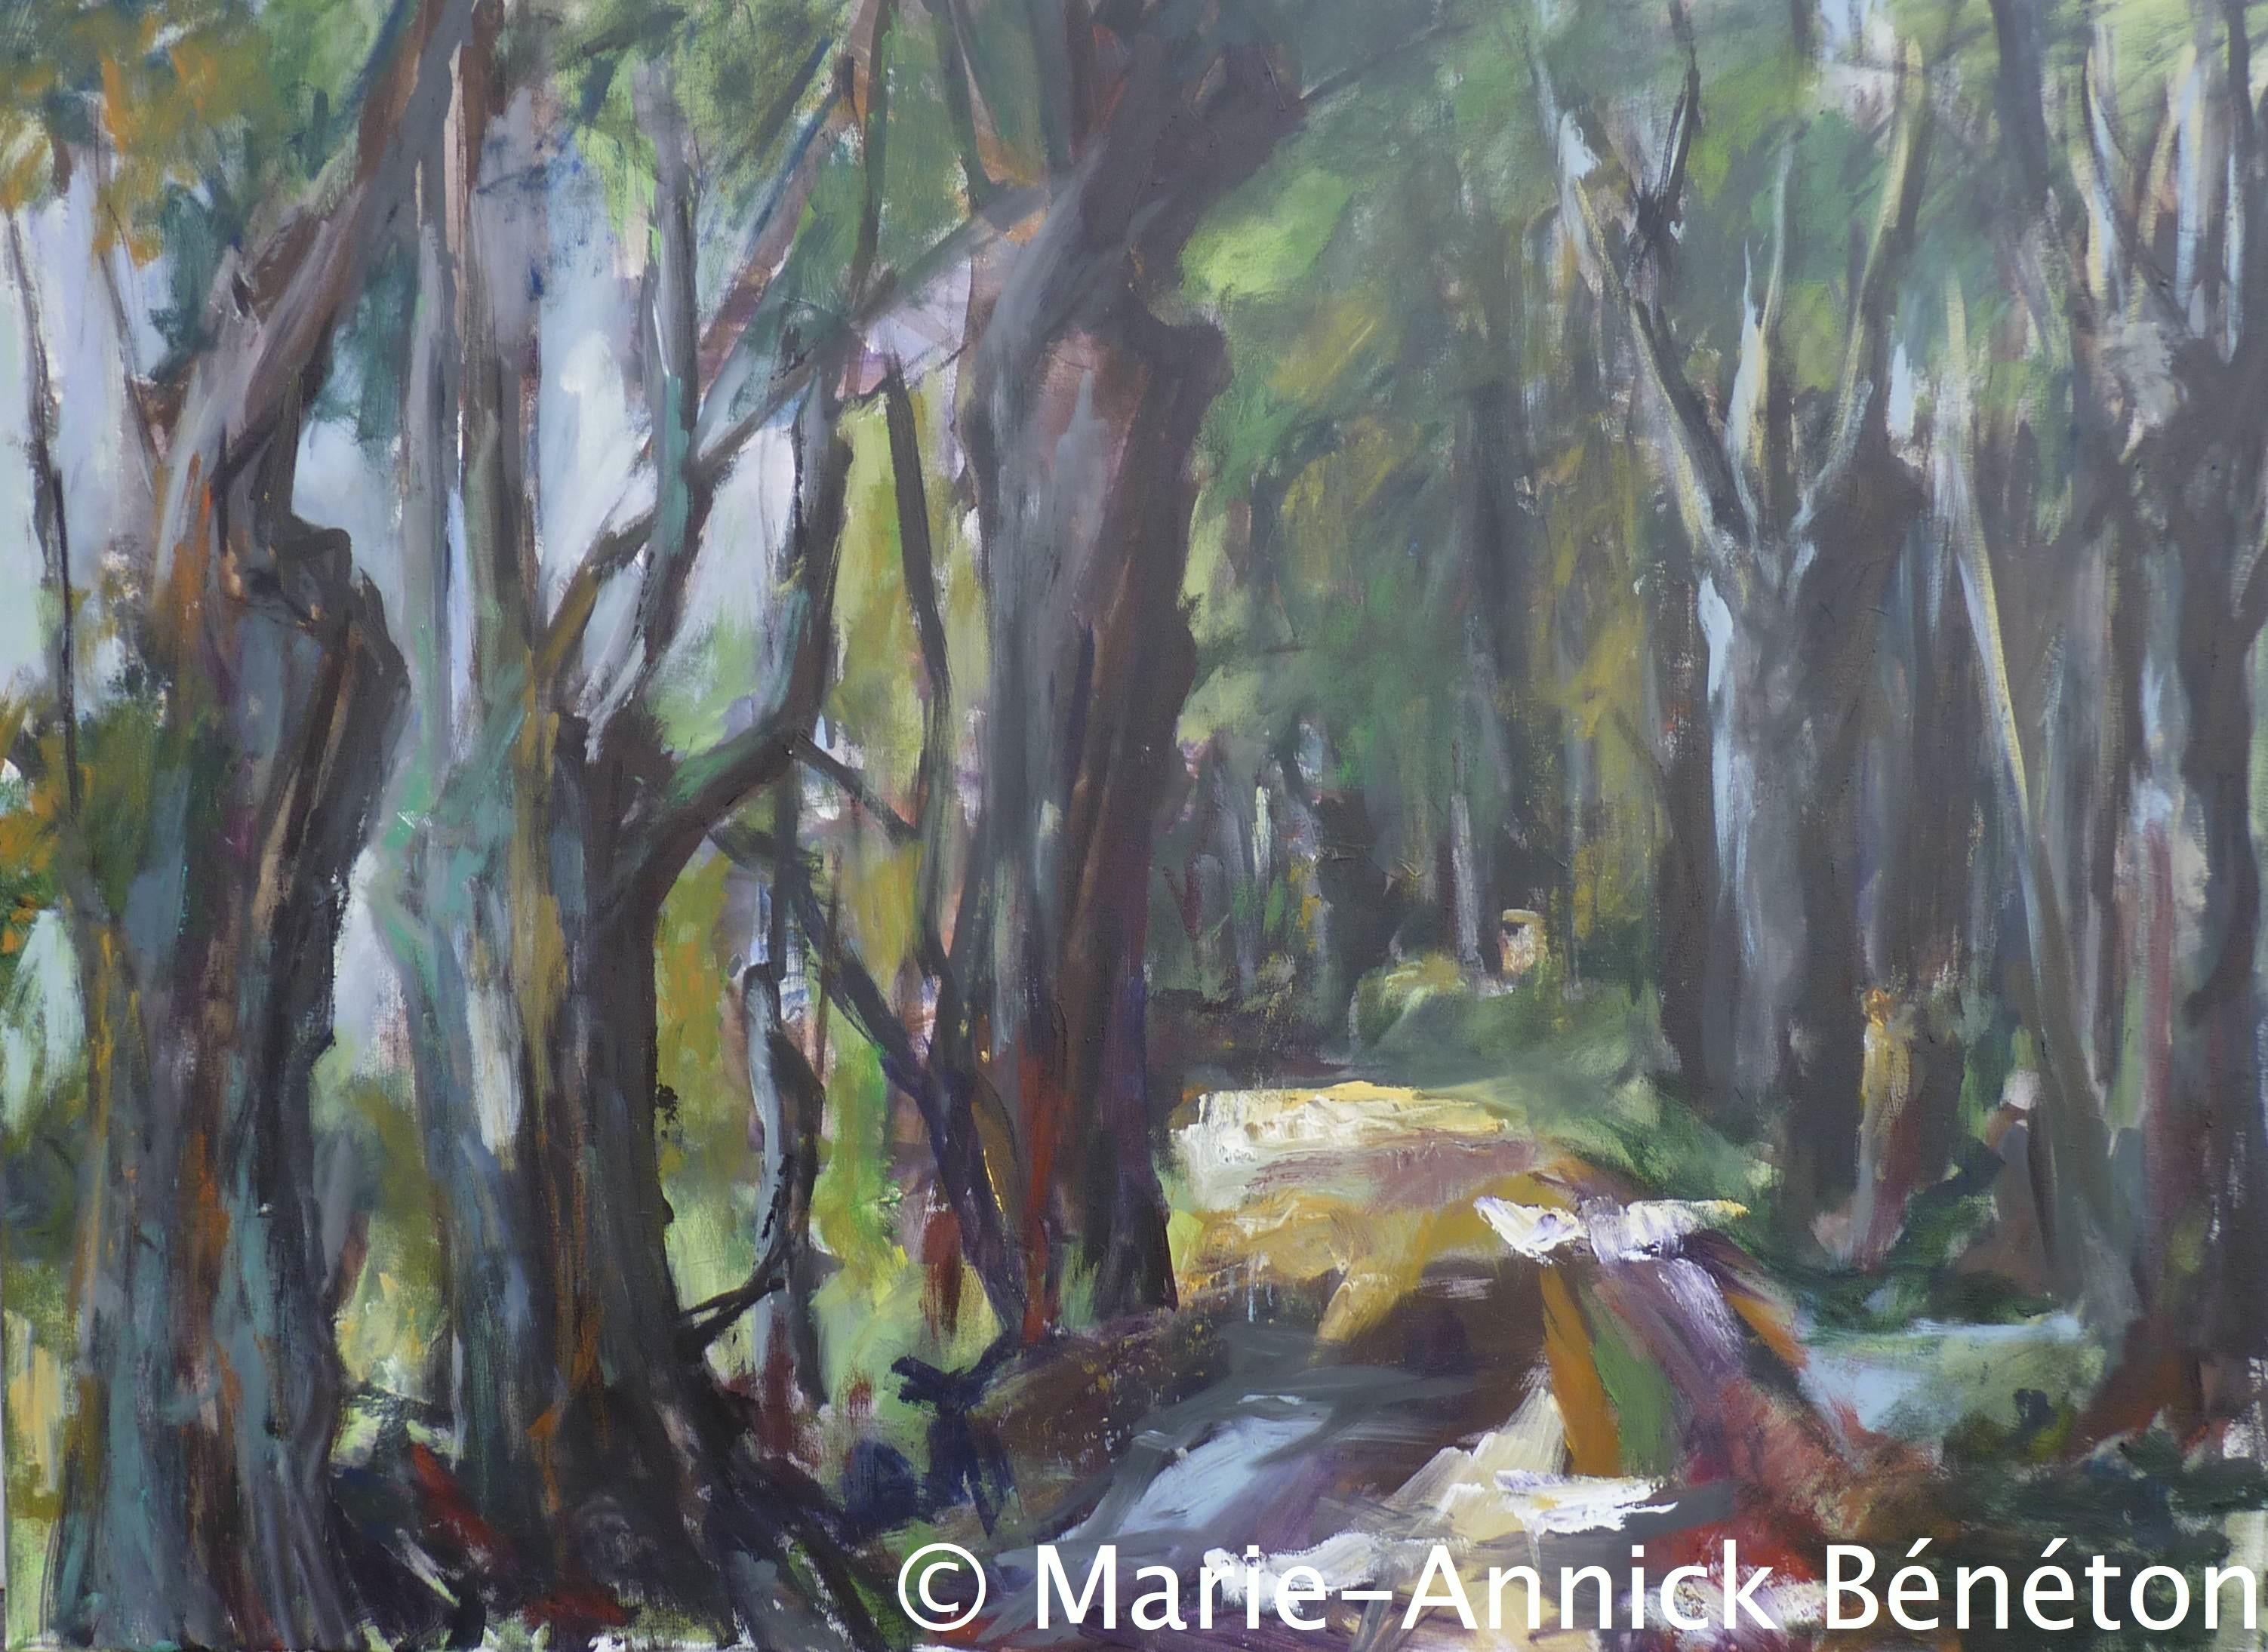 Paysage #4 - Lisière du bois - Acrylique sur toile - H70 cm * L100 cm